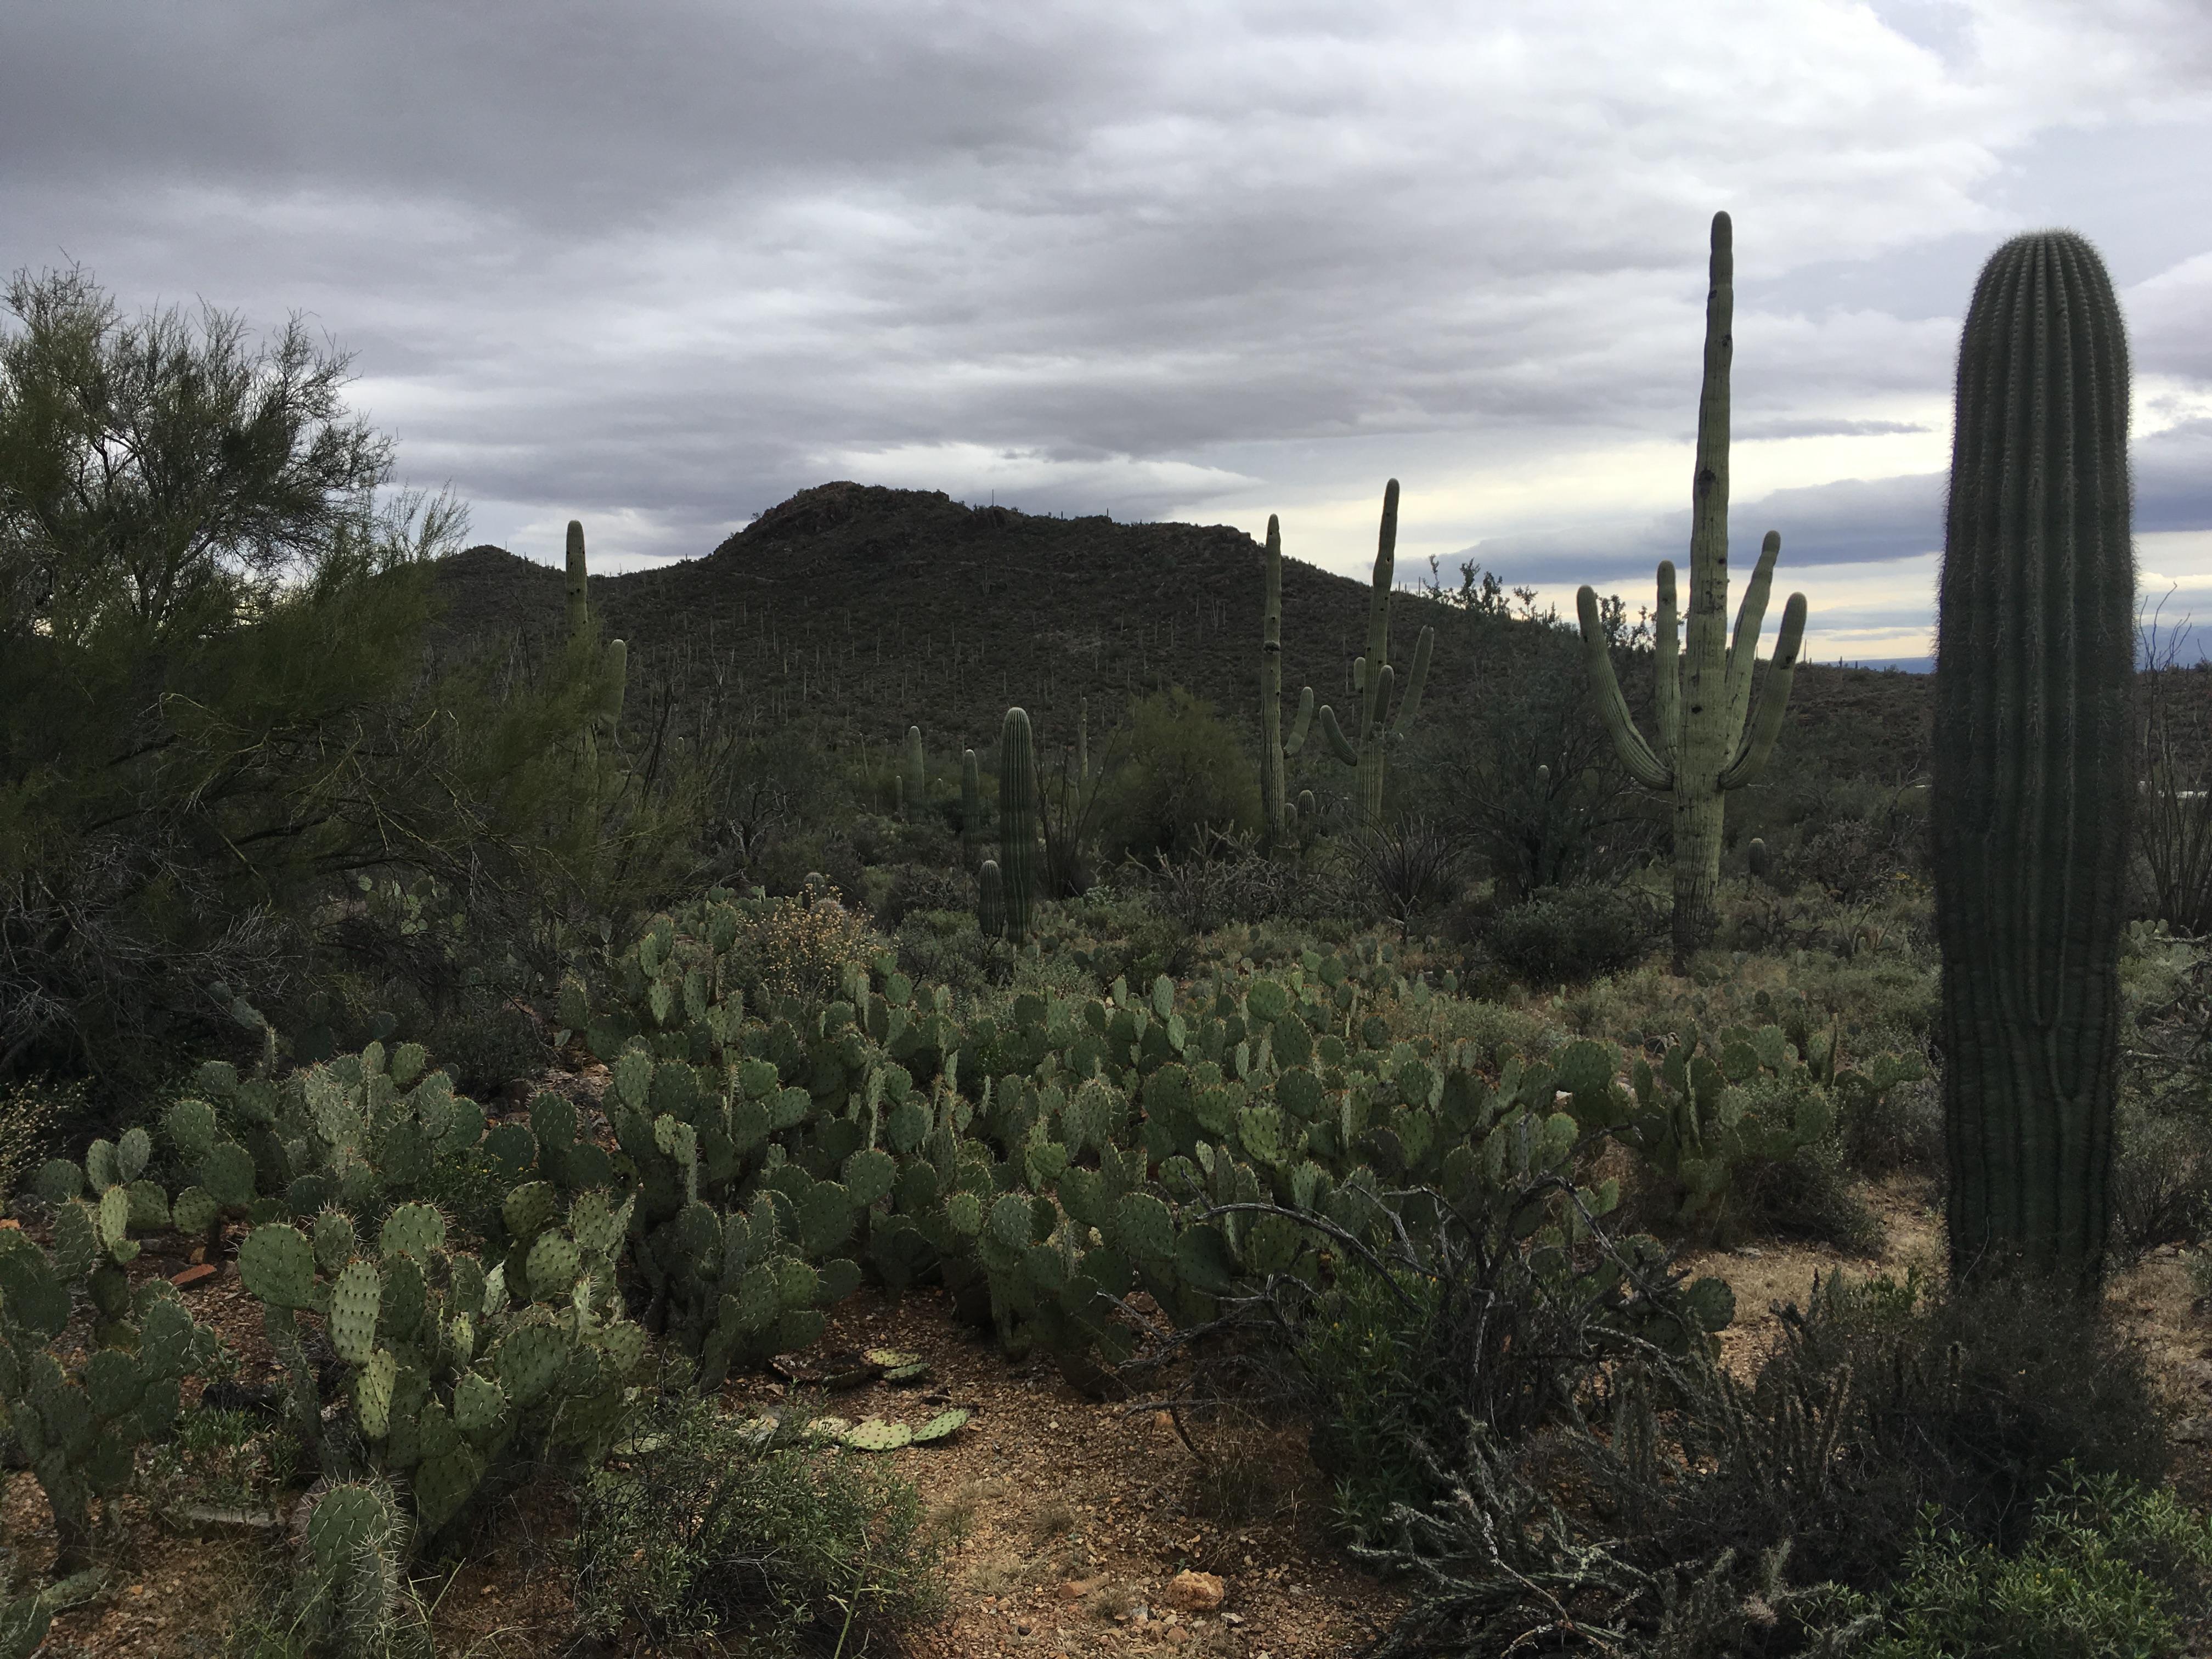 アリゾナ旅その1~ツーソン(ピマ航空宇宙博物館、ソノラ砂漠博物館)